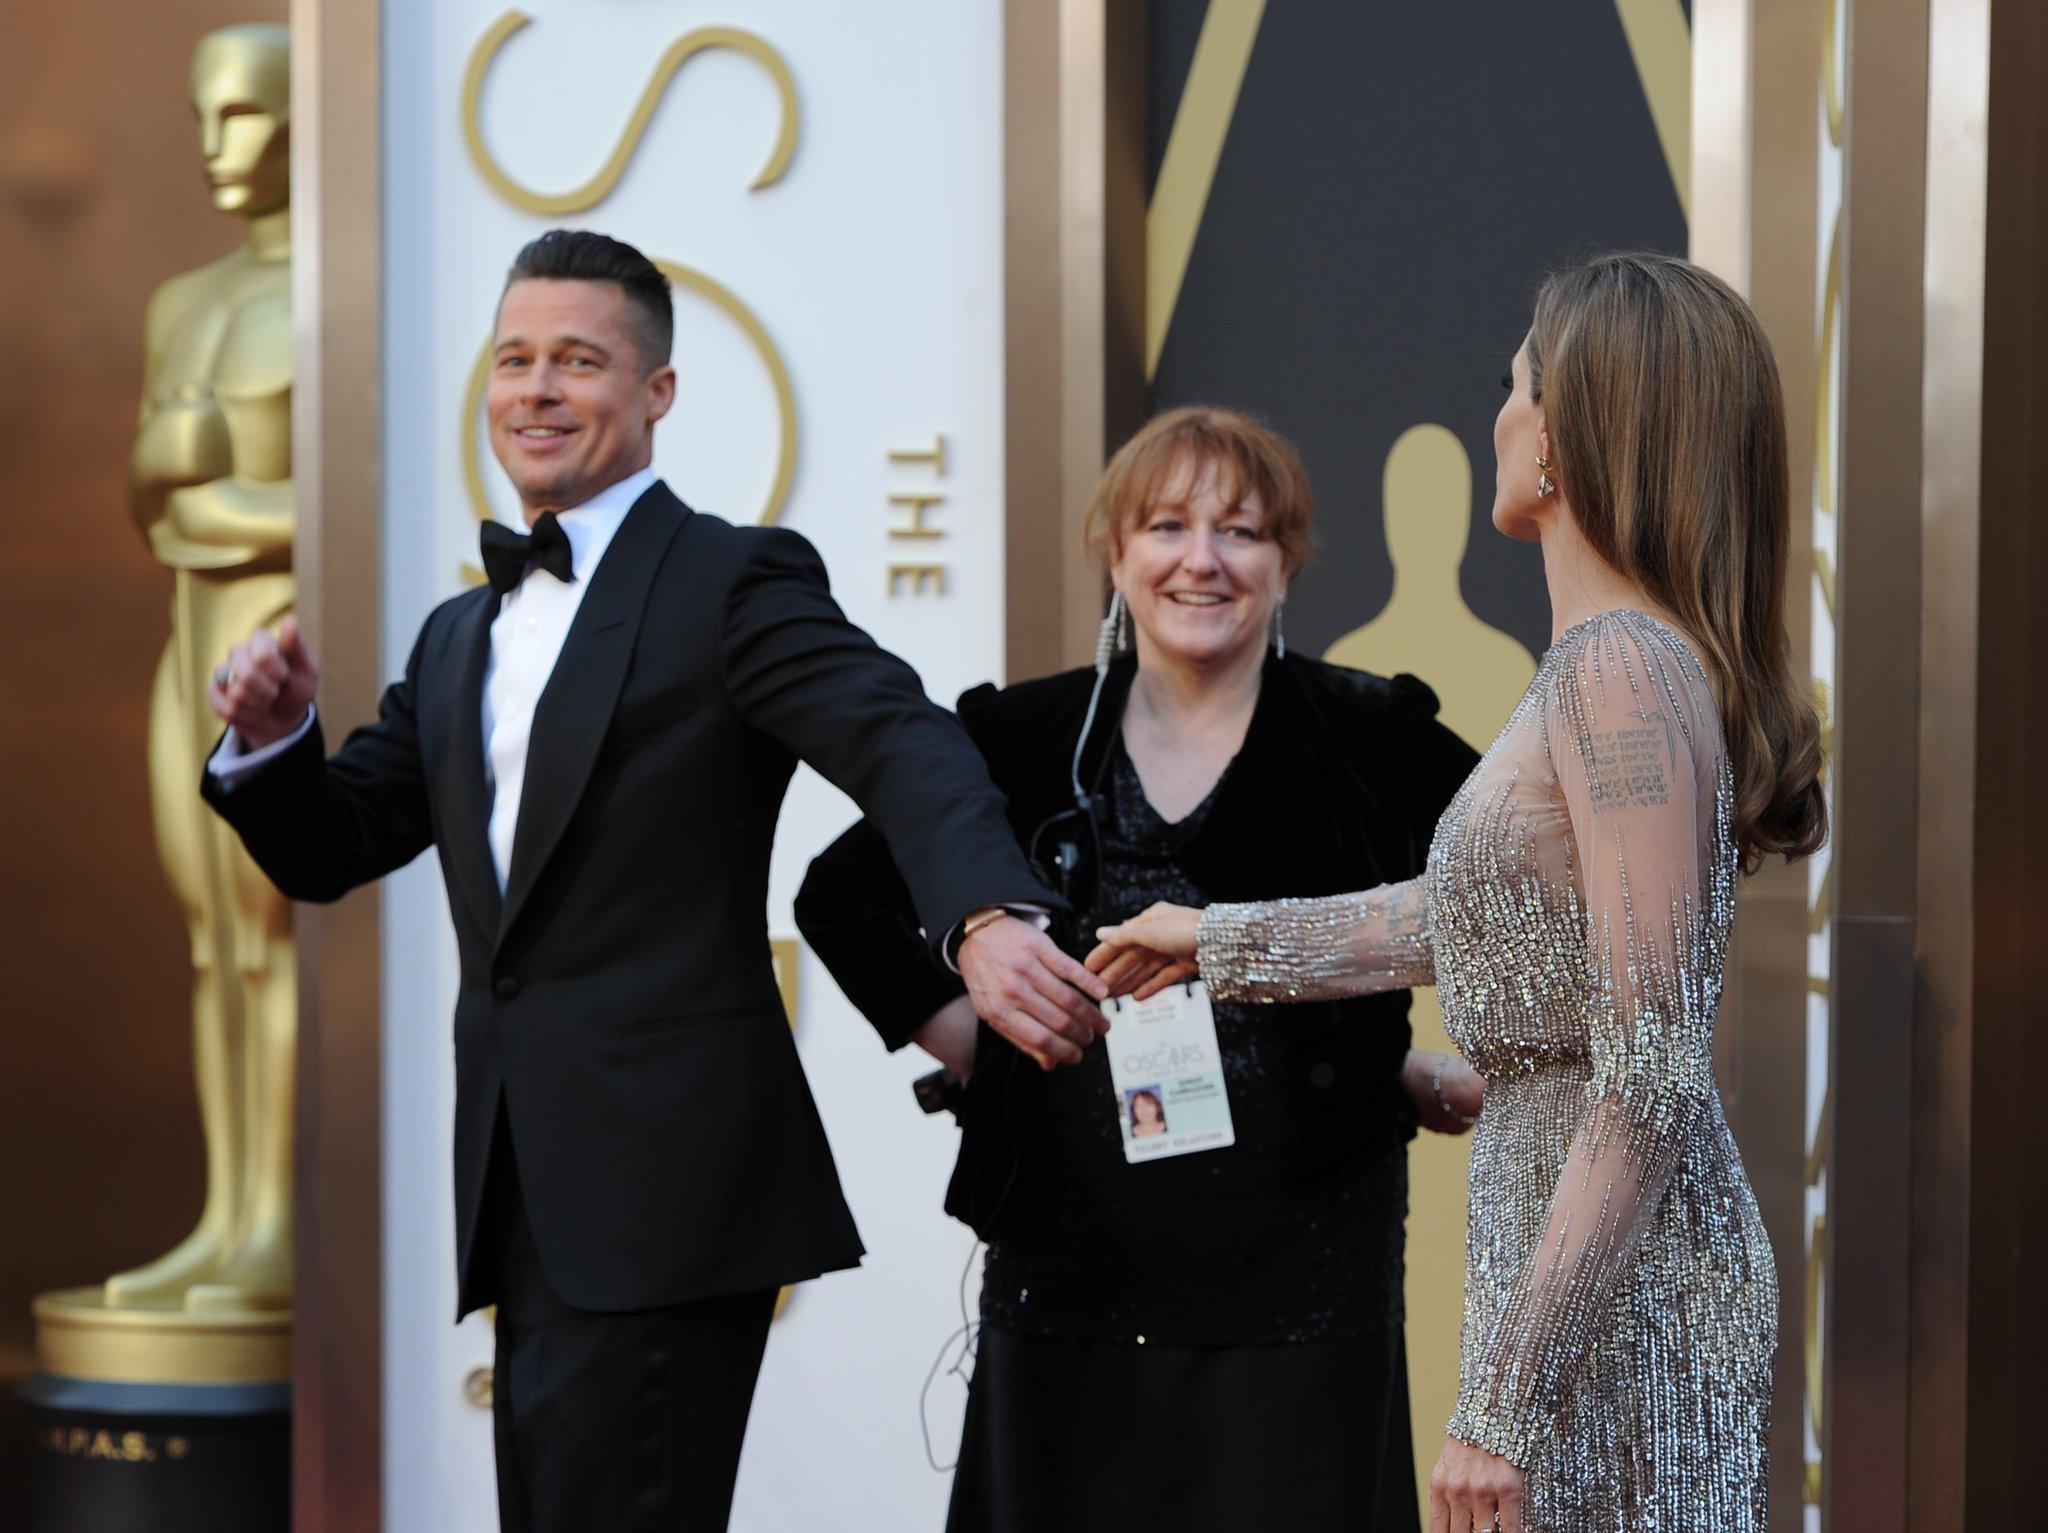 Brad Pitt and Angelina Jolie at the 2014 Oscars.